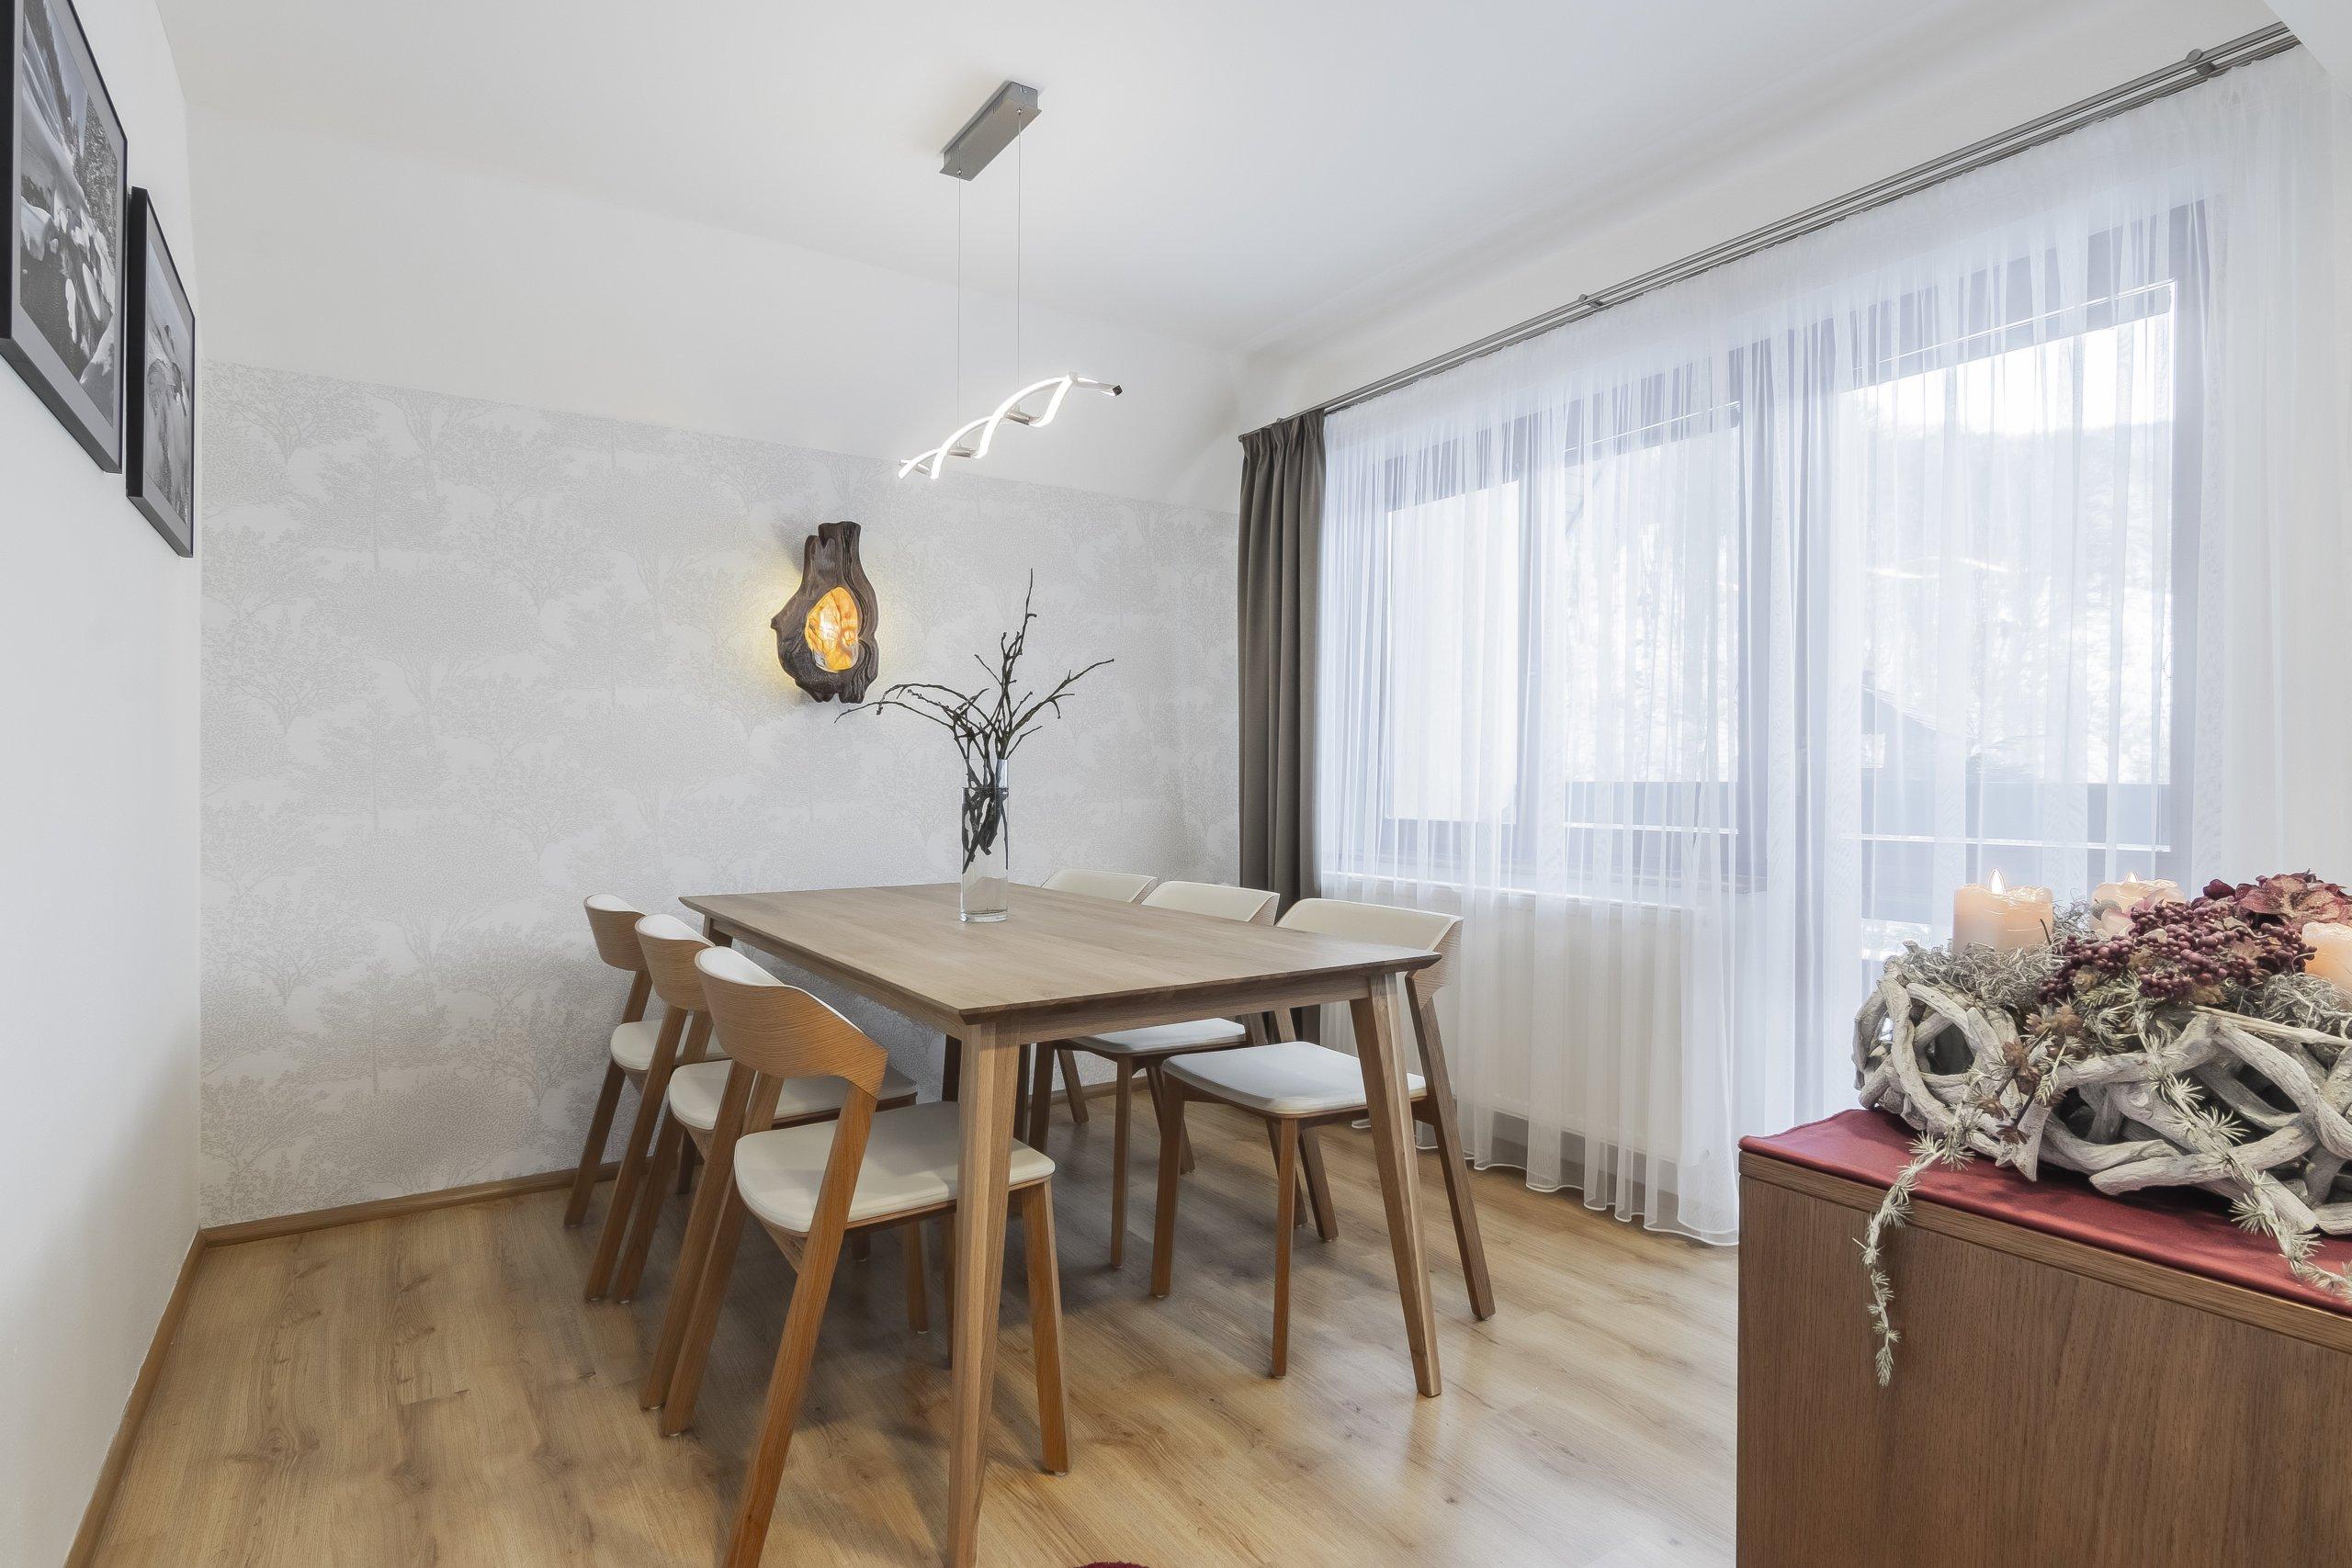 Klienti rodinného domu v Krkonoších si přáli vyřešit nové dispoziční uspořádání kuchyňské linky, jídelního koutu s použitím kvalitních a přírodních materiálů.…